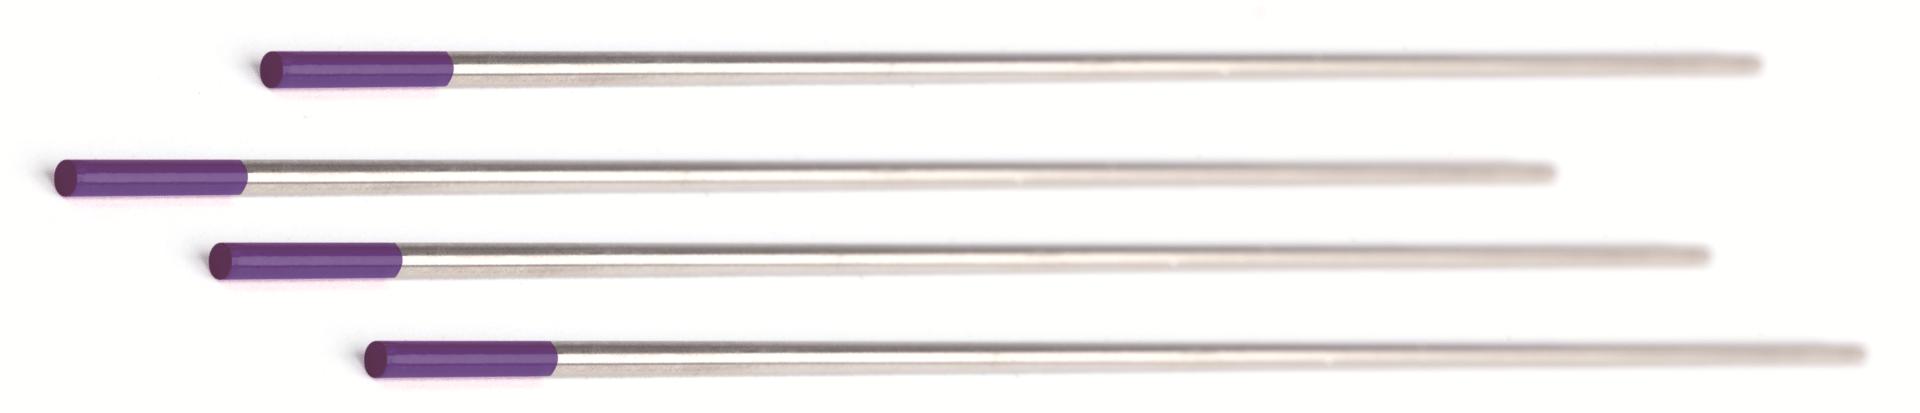 Вольфрамовые электроды ABICOR BINZEL E3: высокая мода в мире сварки - фото pic_611374255b18876_1920x9000_1.png